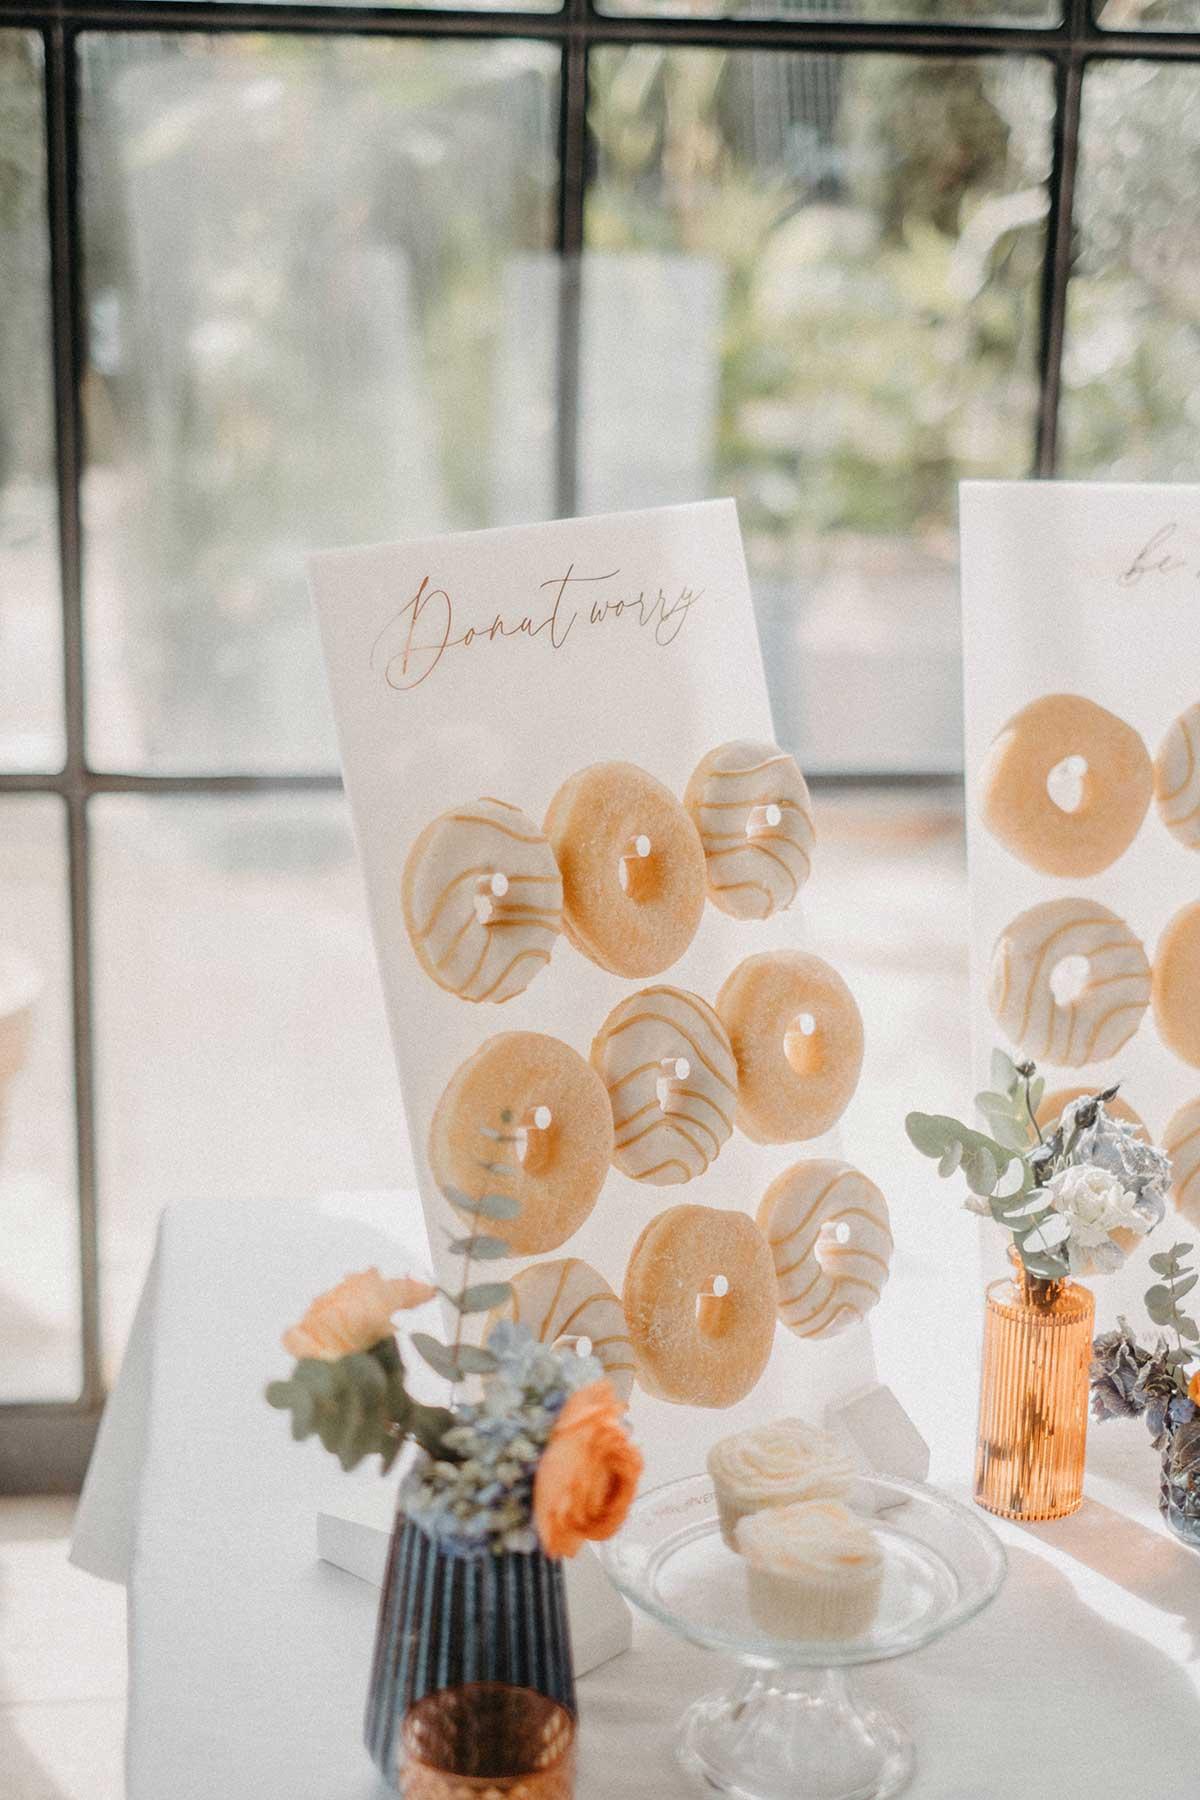 Donut Wall mit zwei verschiedenen Donuts